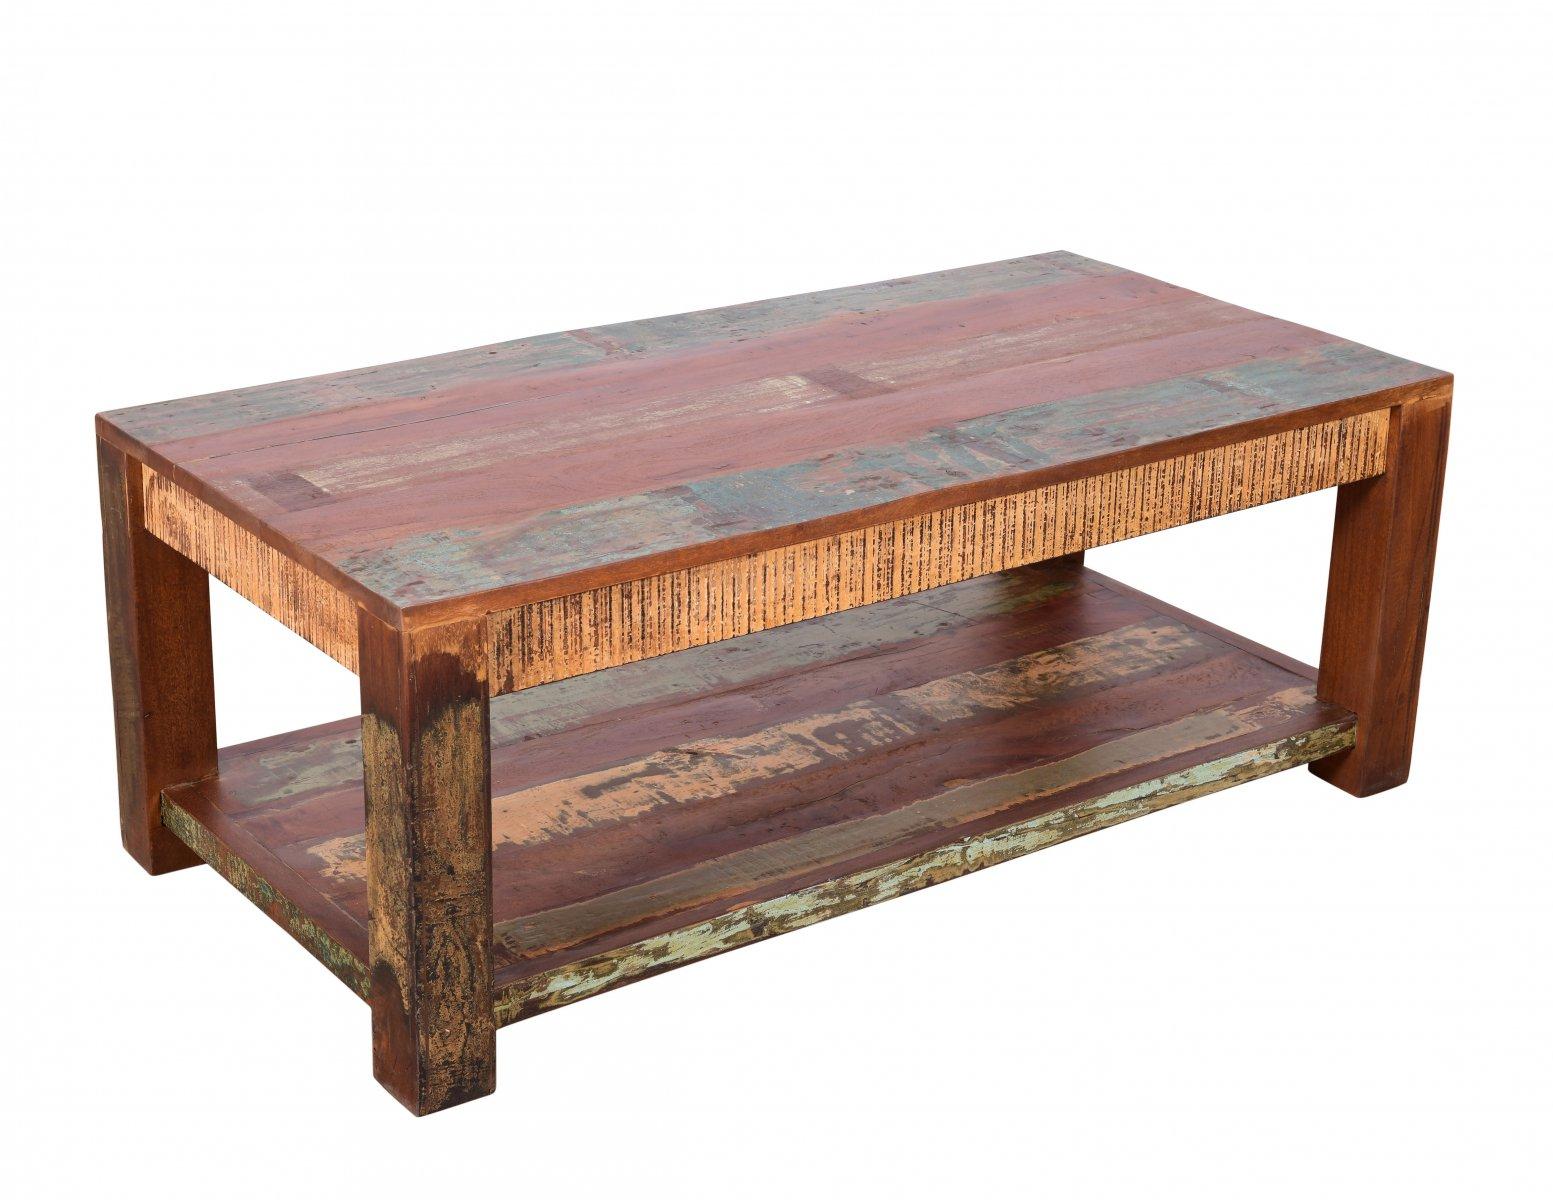 Stolik kawowy kolonialny rustykalny przecierany kolorowy lite drewno mangowiec indyjski